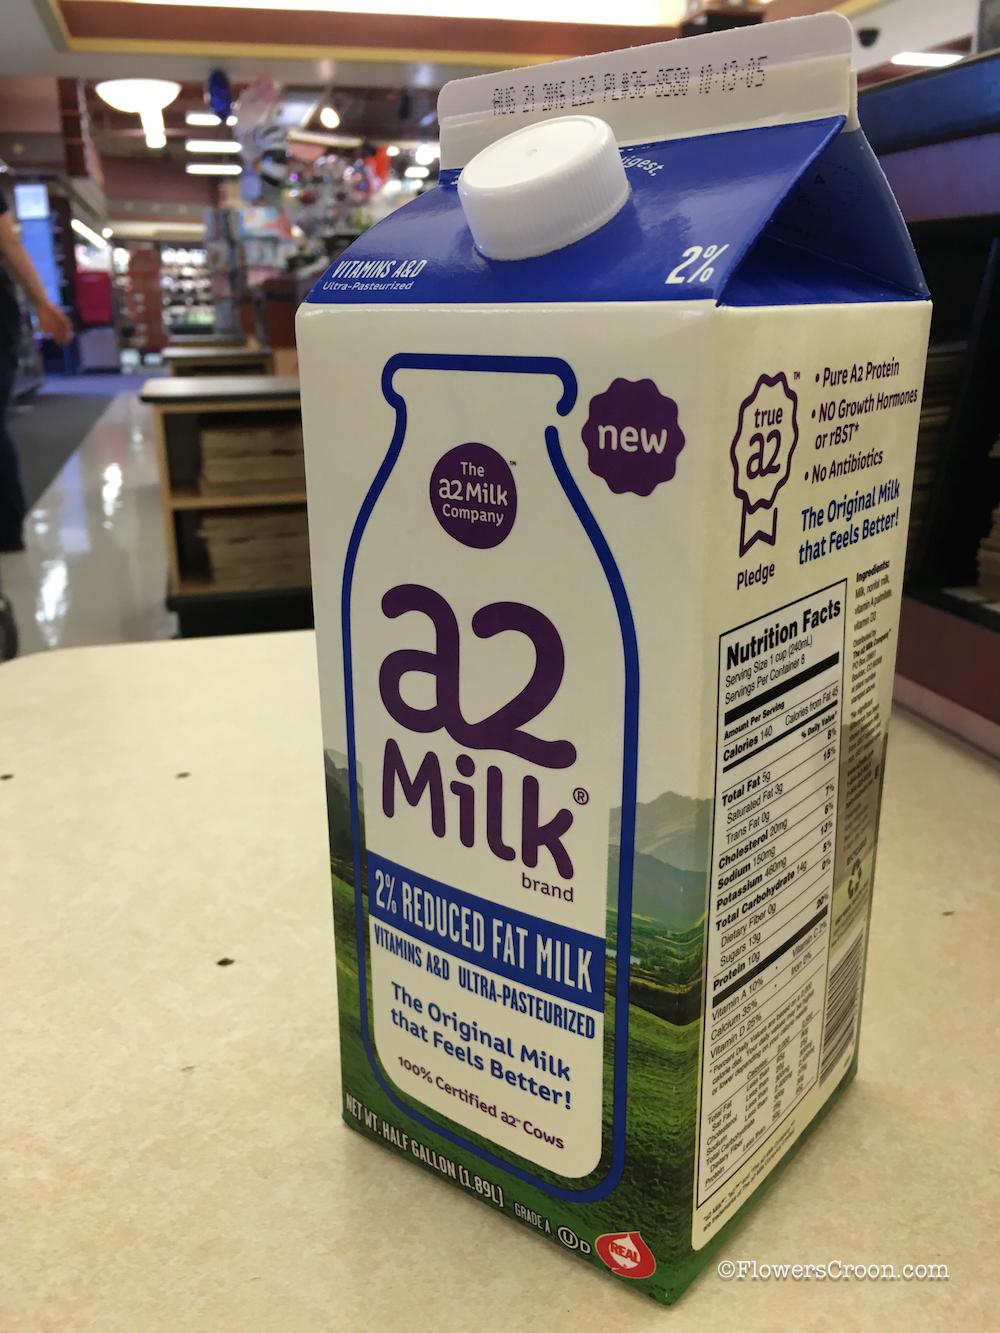 a2-milk-nob-hill